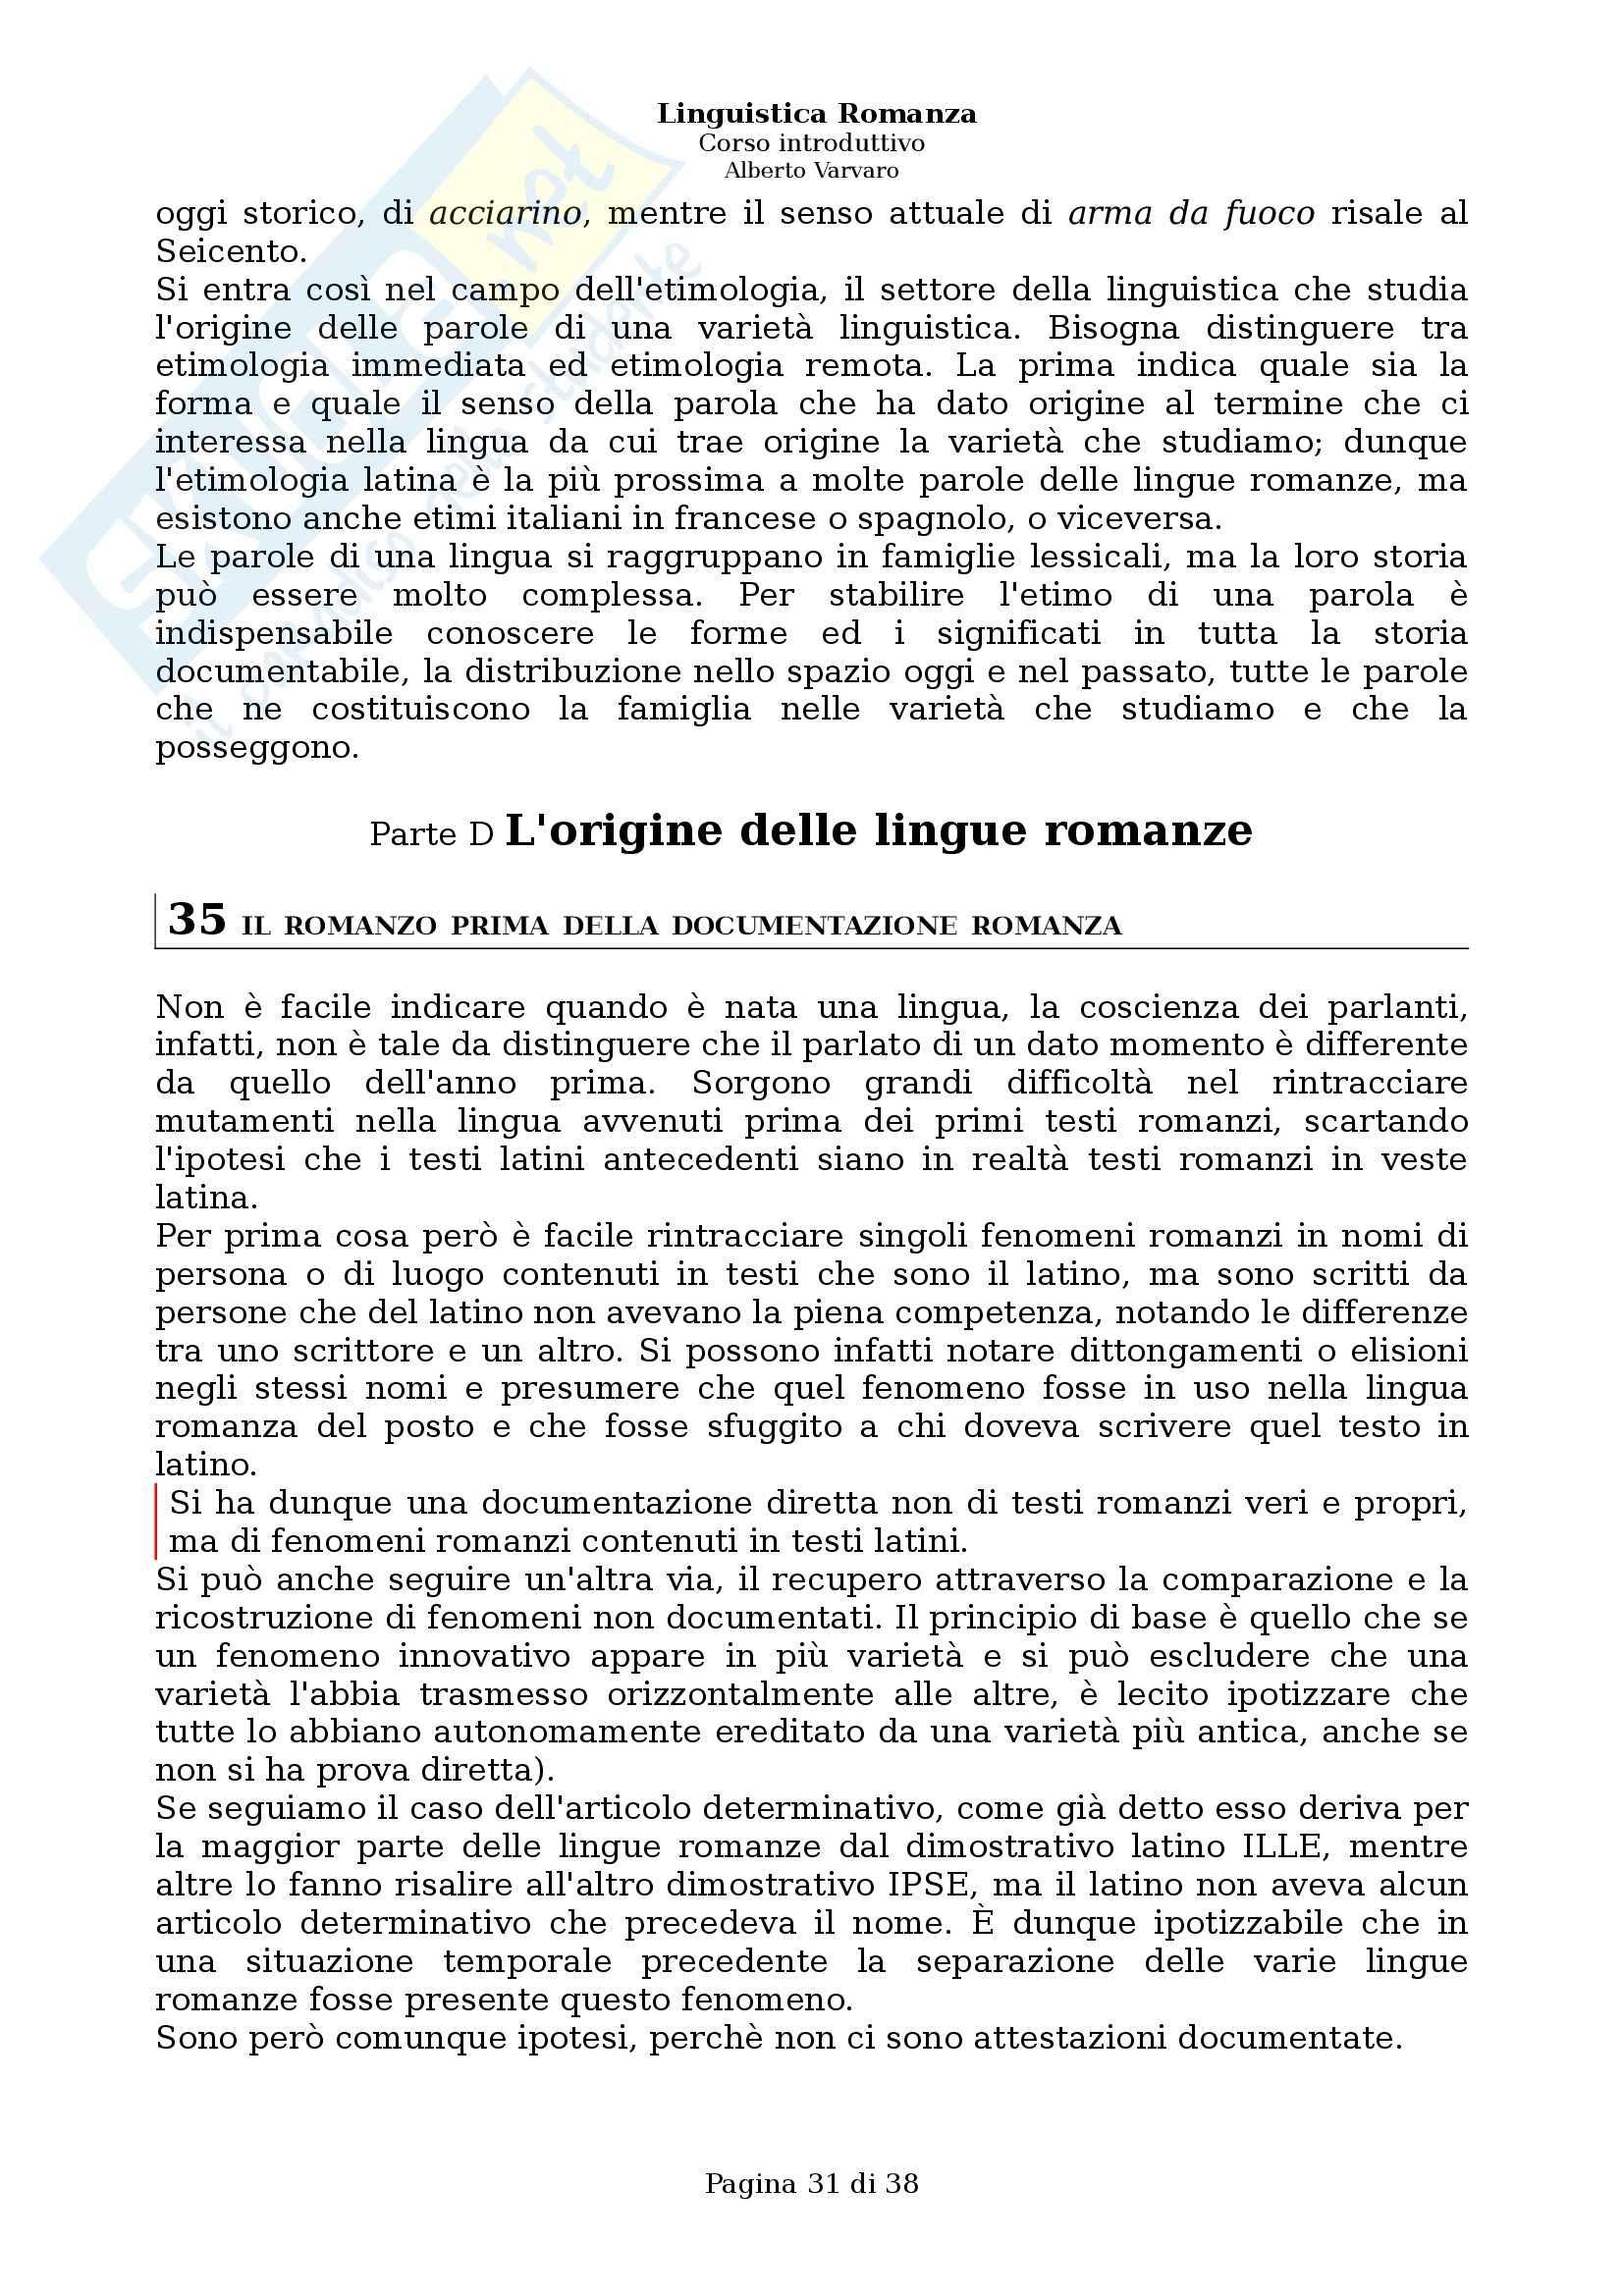 Riassunto esame Filologia e linguistica romanza, Linguistica romanza: Corso introduttivo, A. Varvaro, prof. Asperti Pag. 31